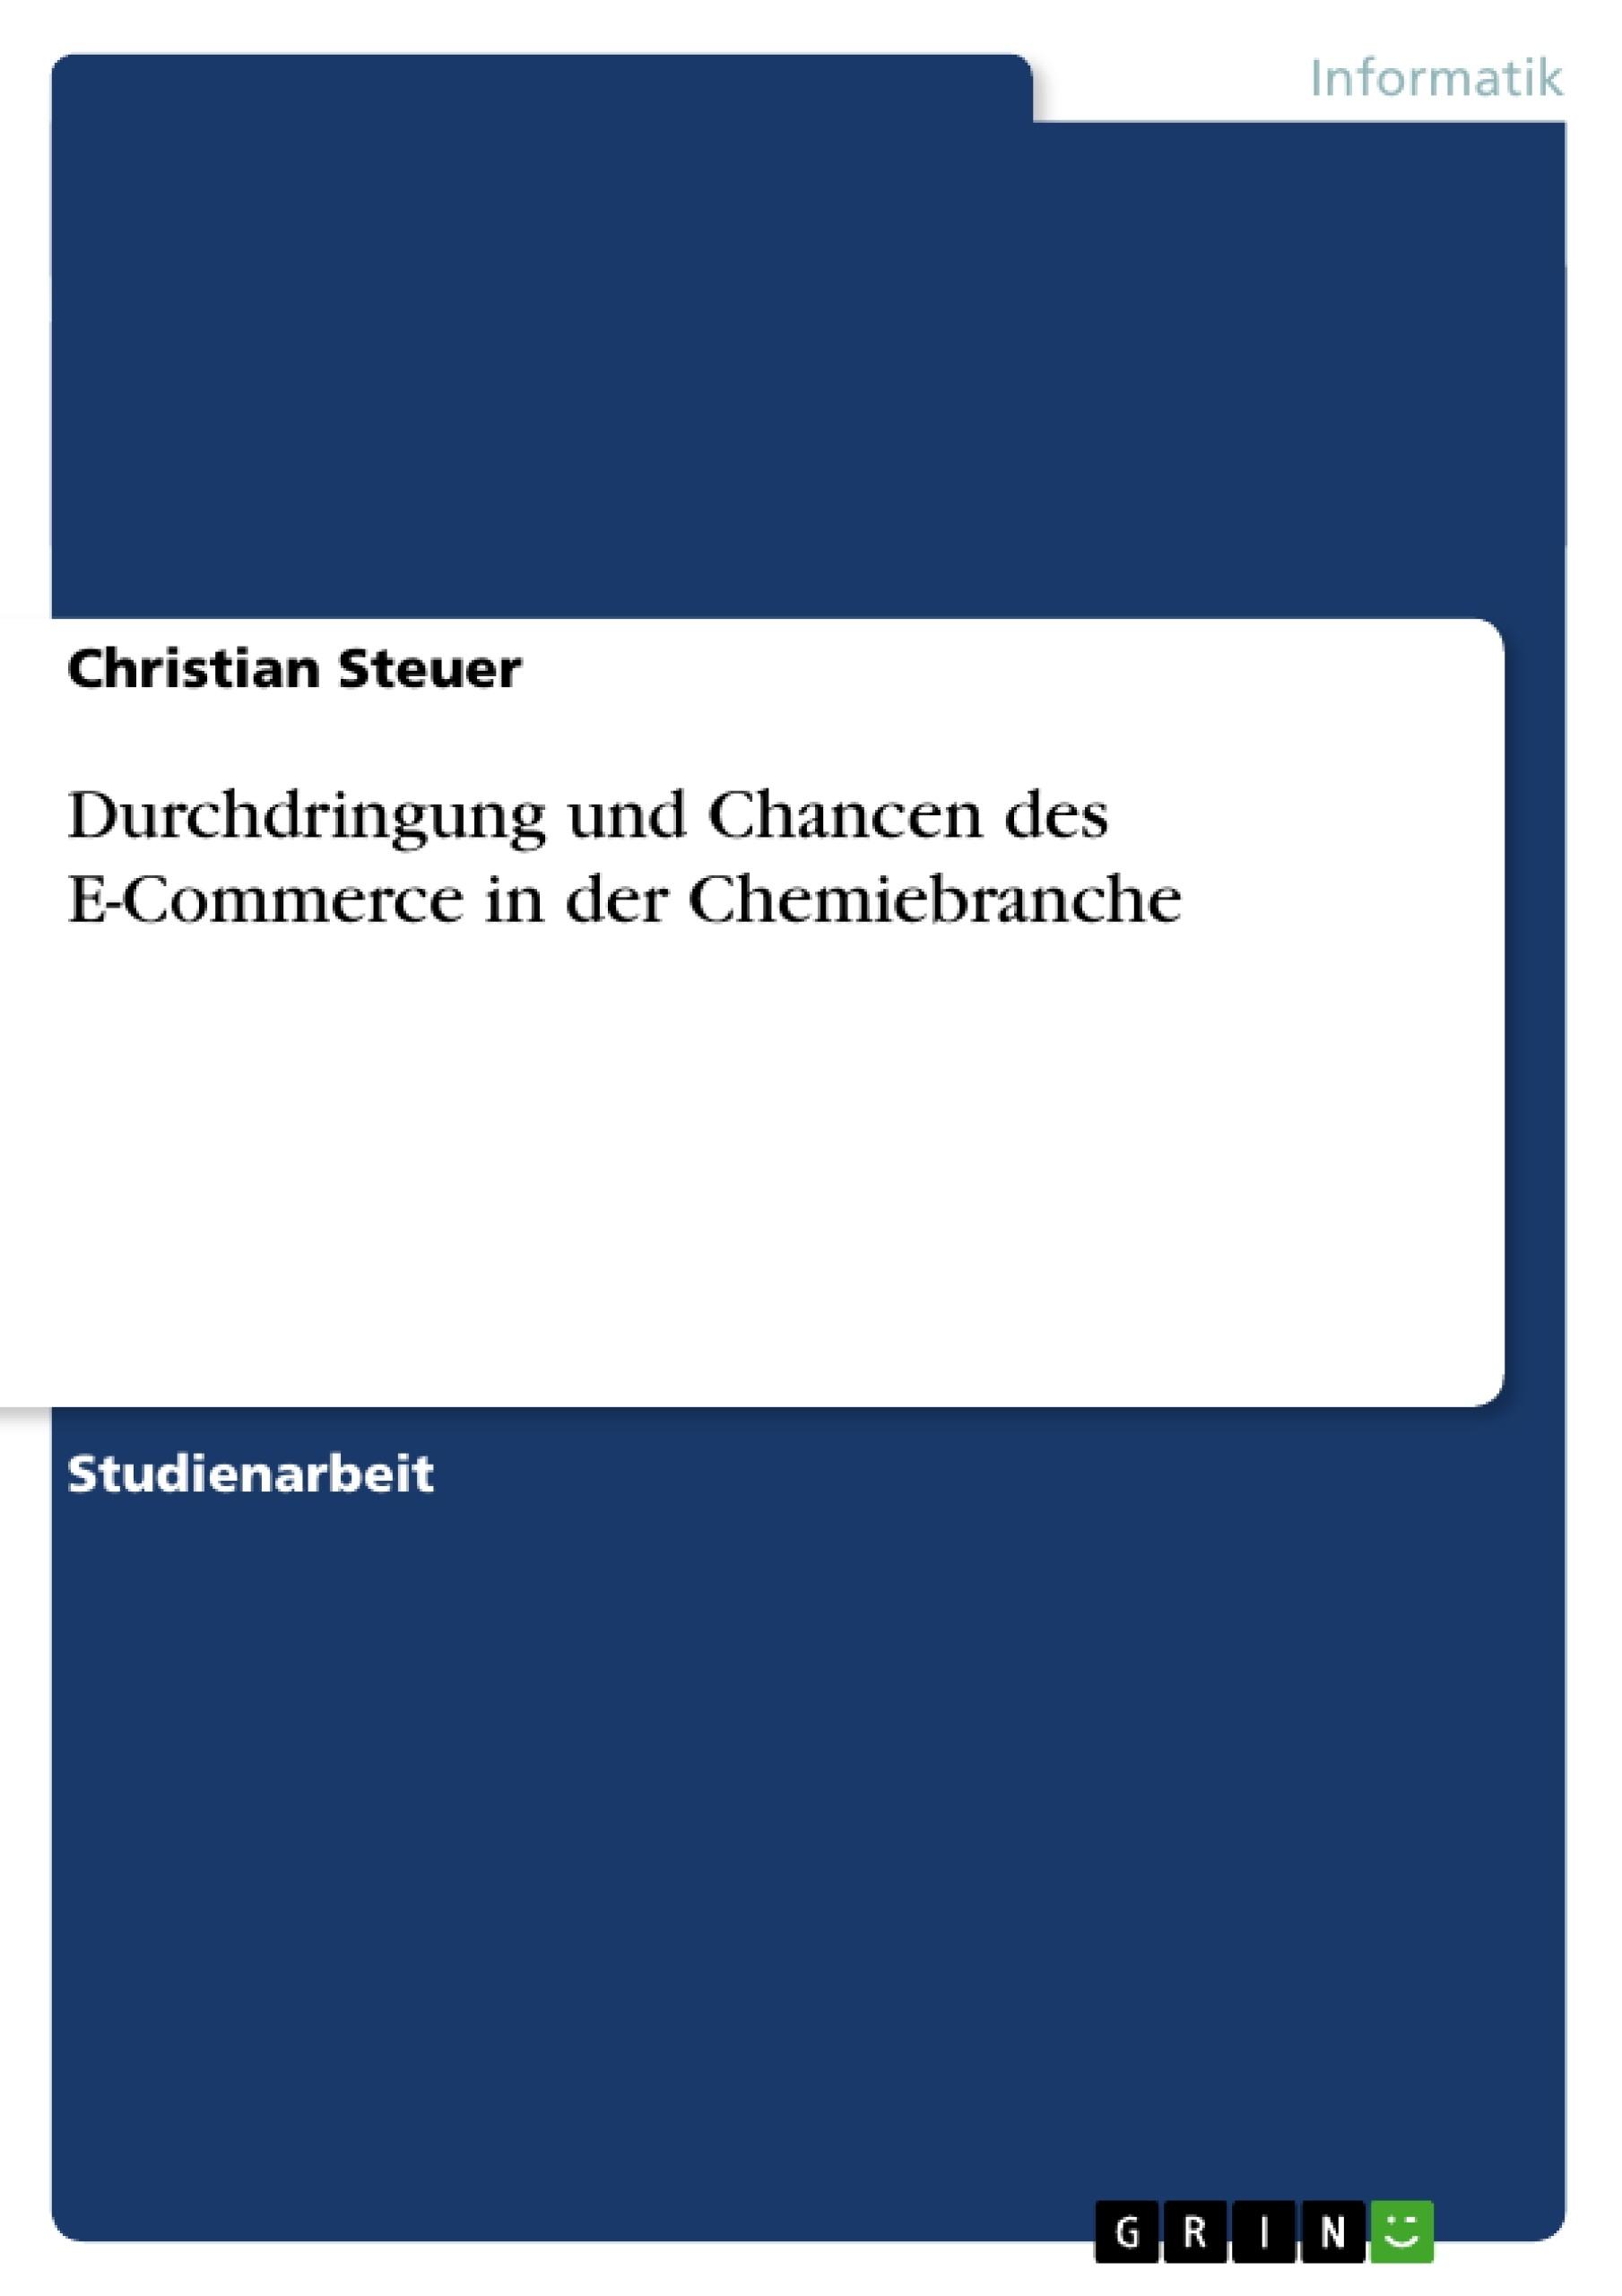 Titel: Durchdringung und Chancen des E-Commerce in der Chemiebranche